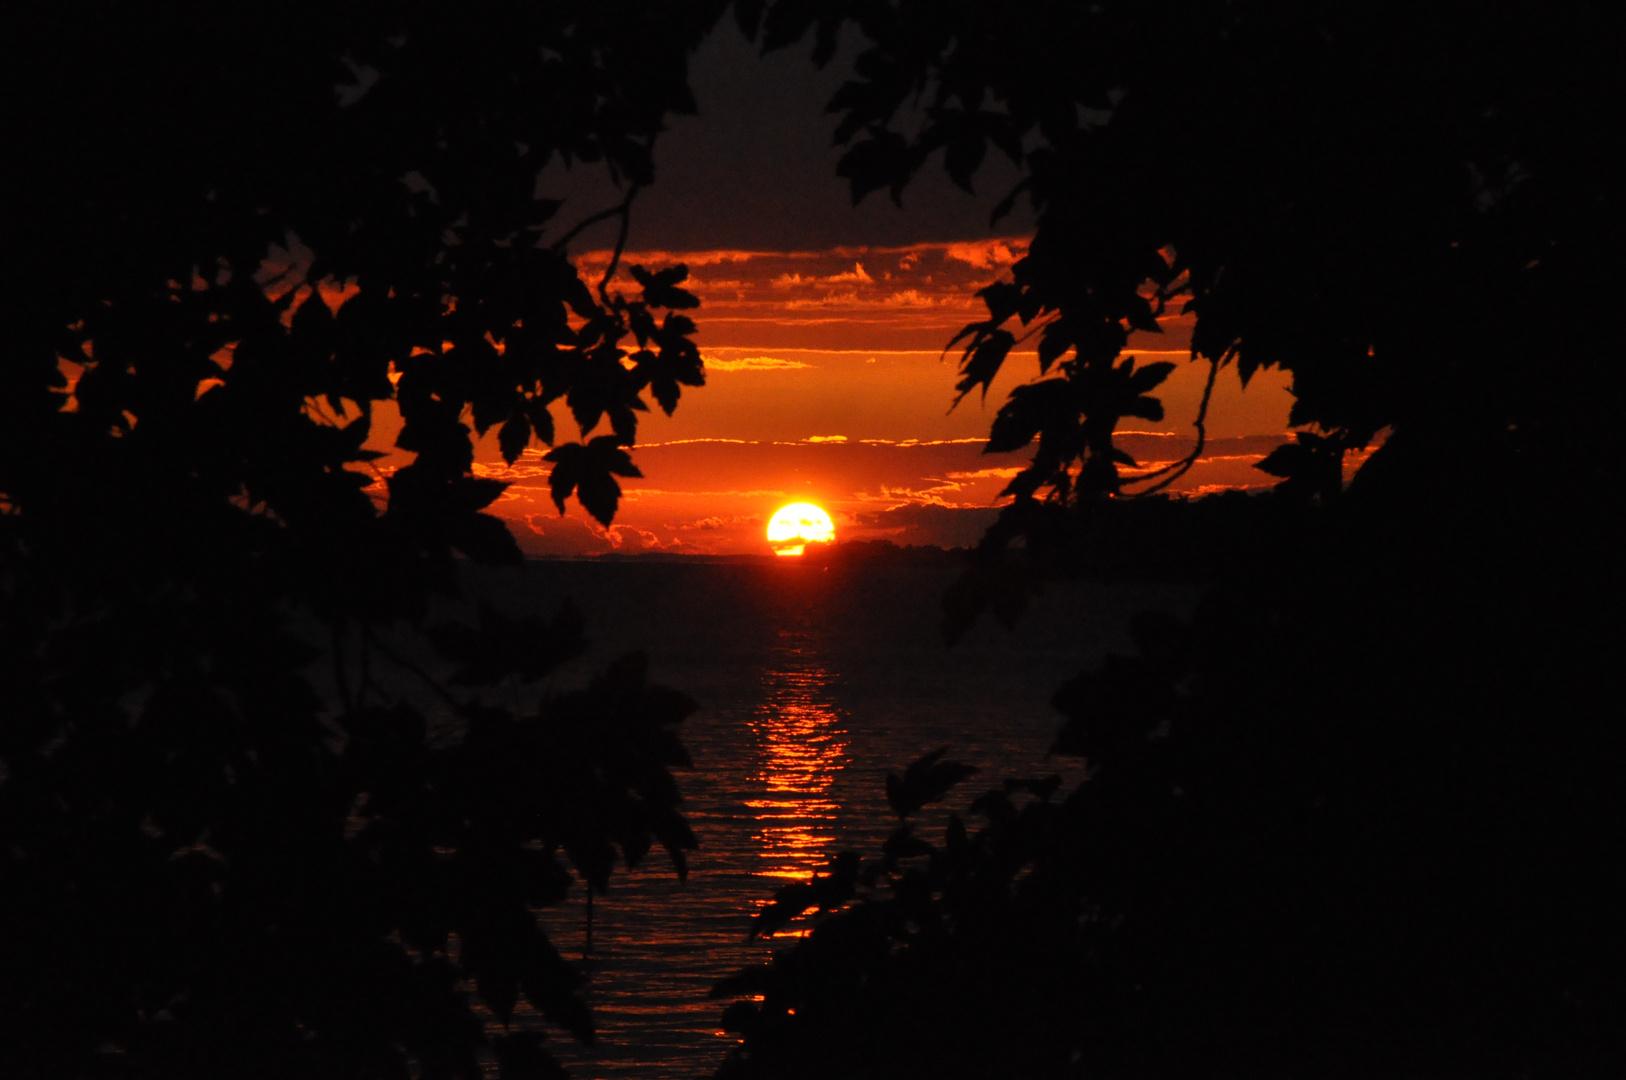 Un coucher de soleil suisse...